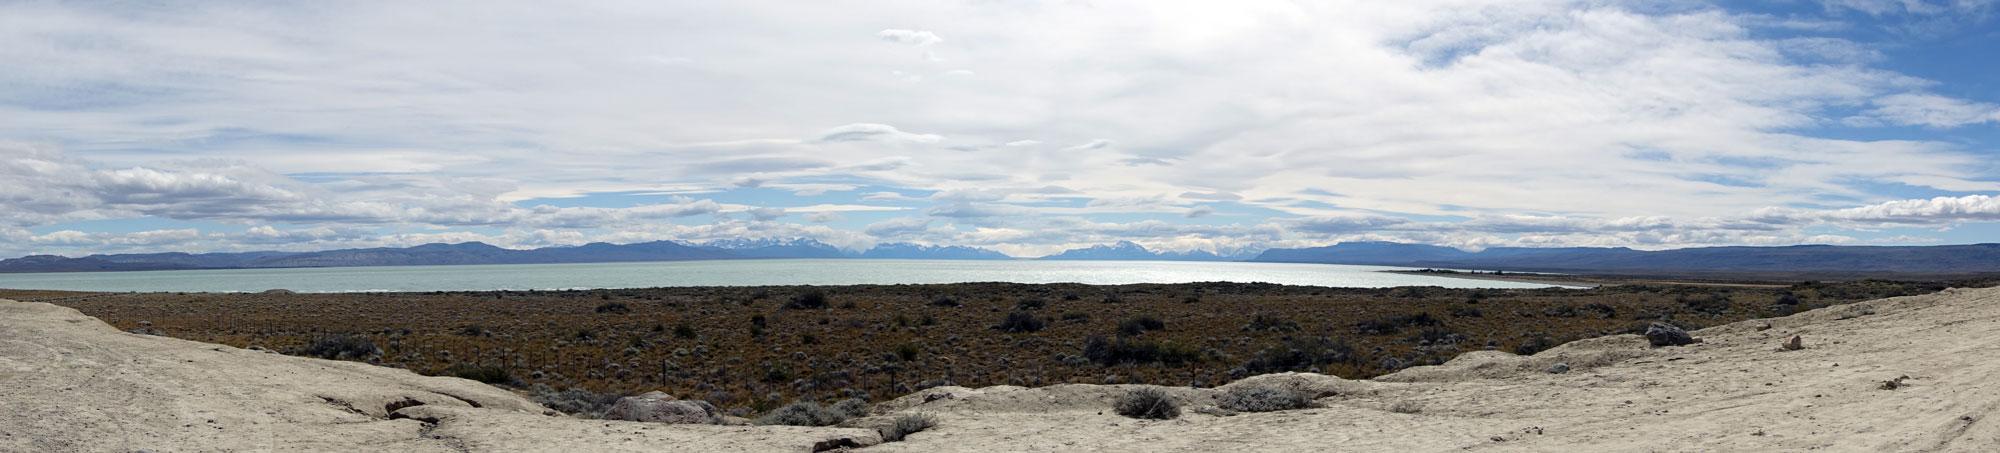 13.12 – 25.12 Patagonien und Feuerland